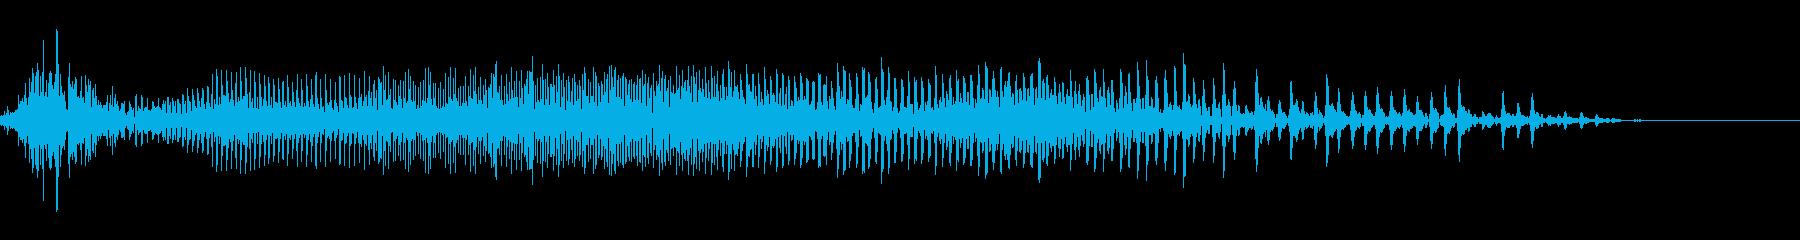 てぁあ!(掛け声・攻撃)の再生済みの波形